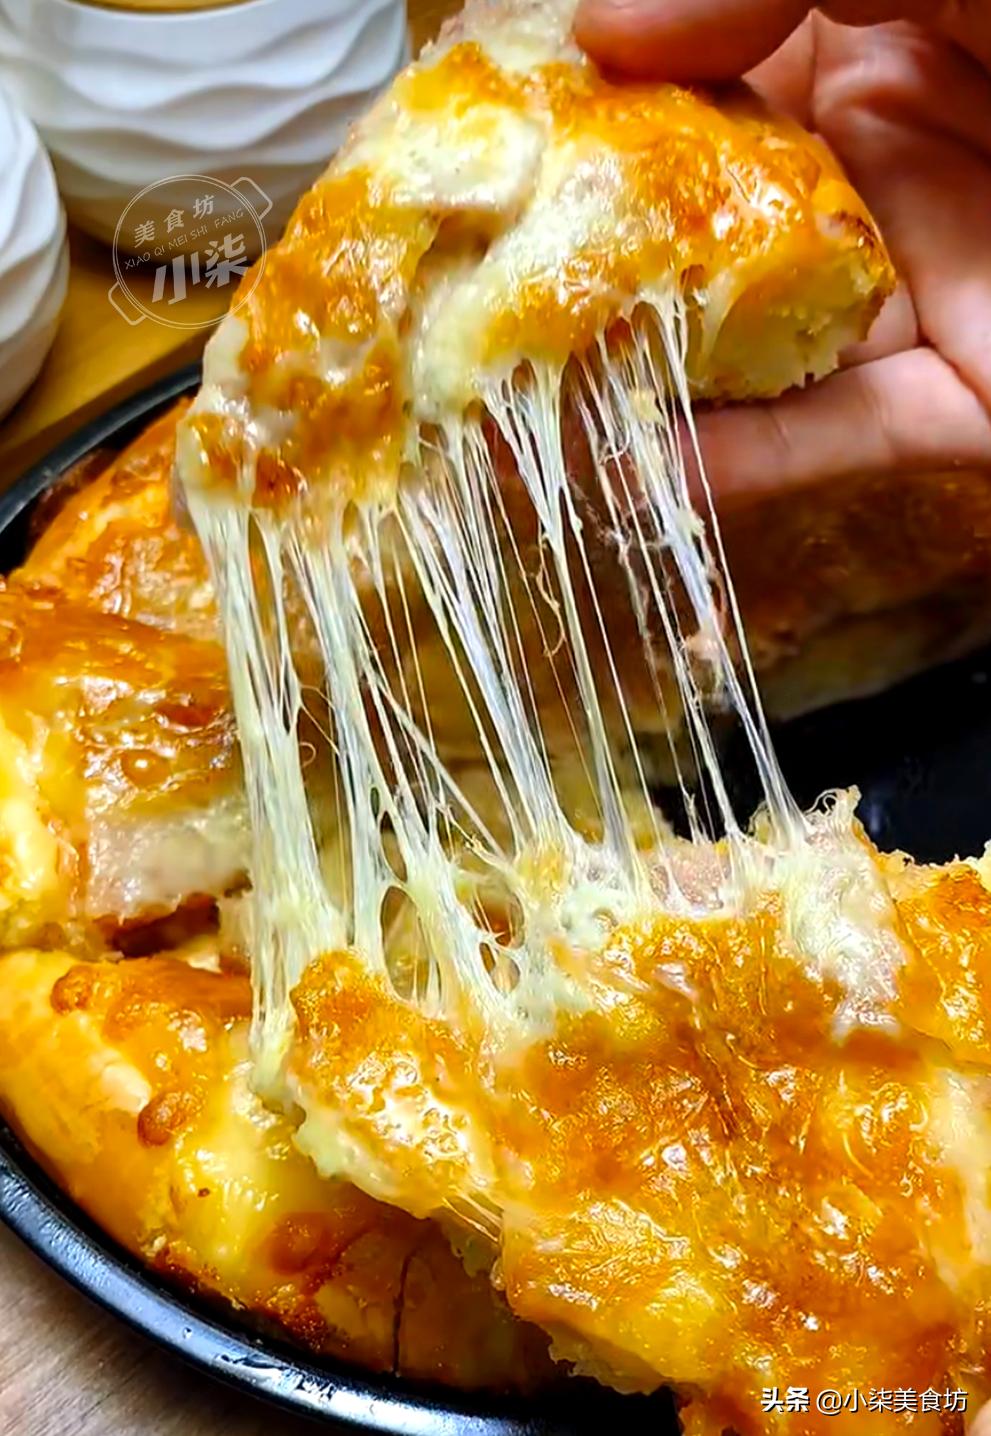 外面賣的披薩太貴了,教你在家做,成本不到10元,比賣的還好吃